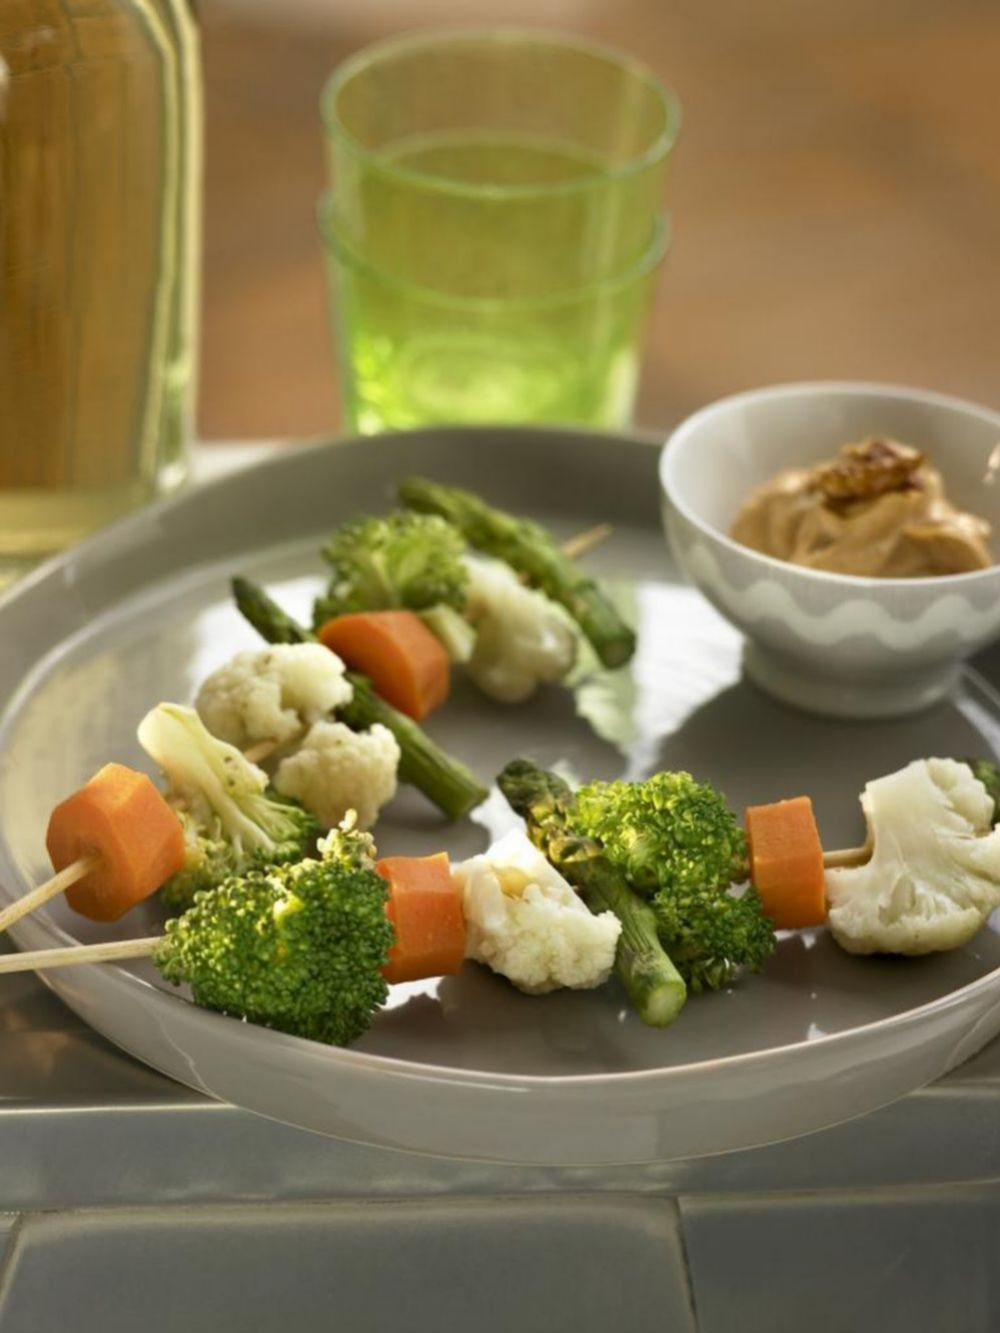 Intenta tomar 2-3 raciones diarias de verdura.